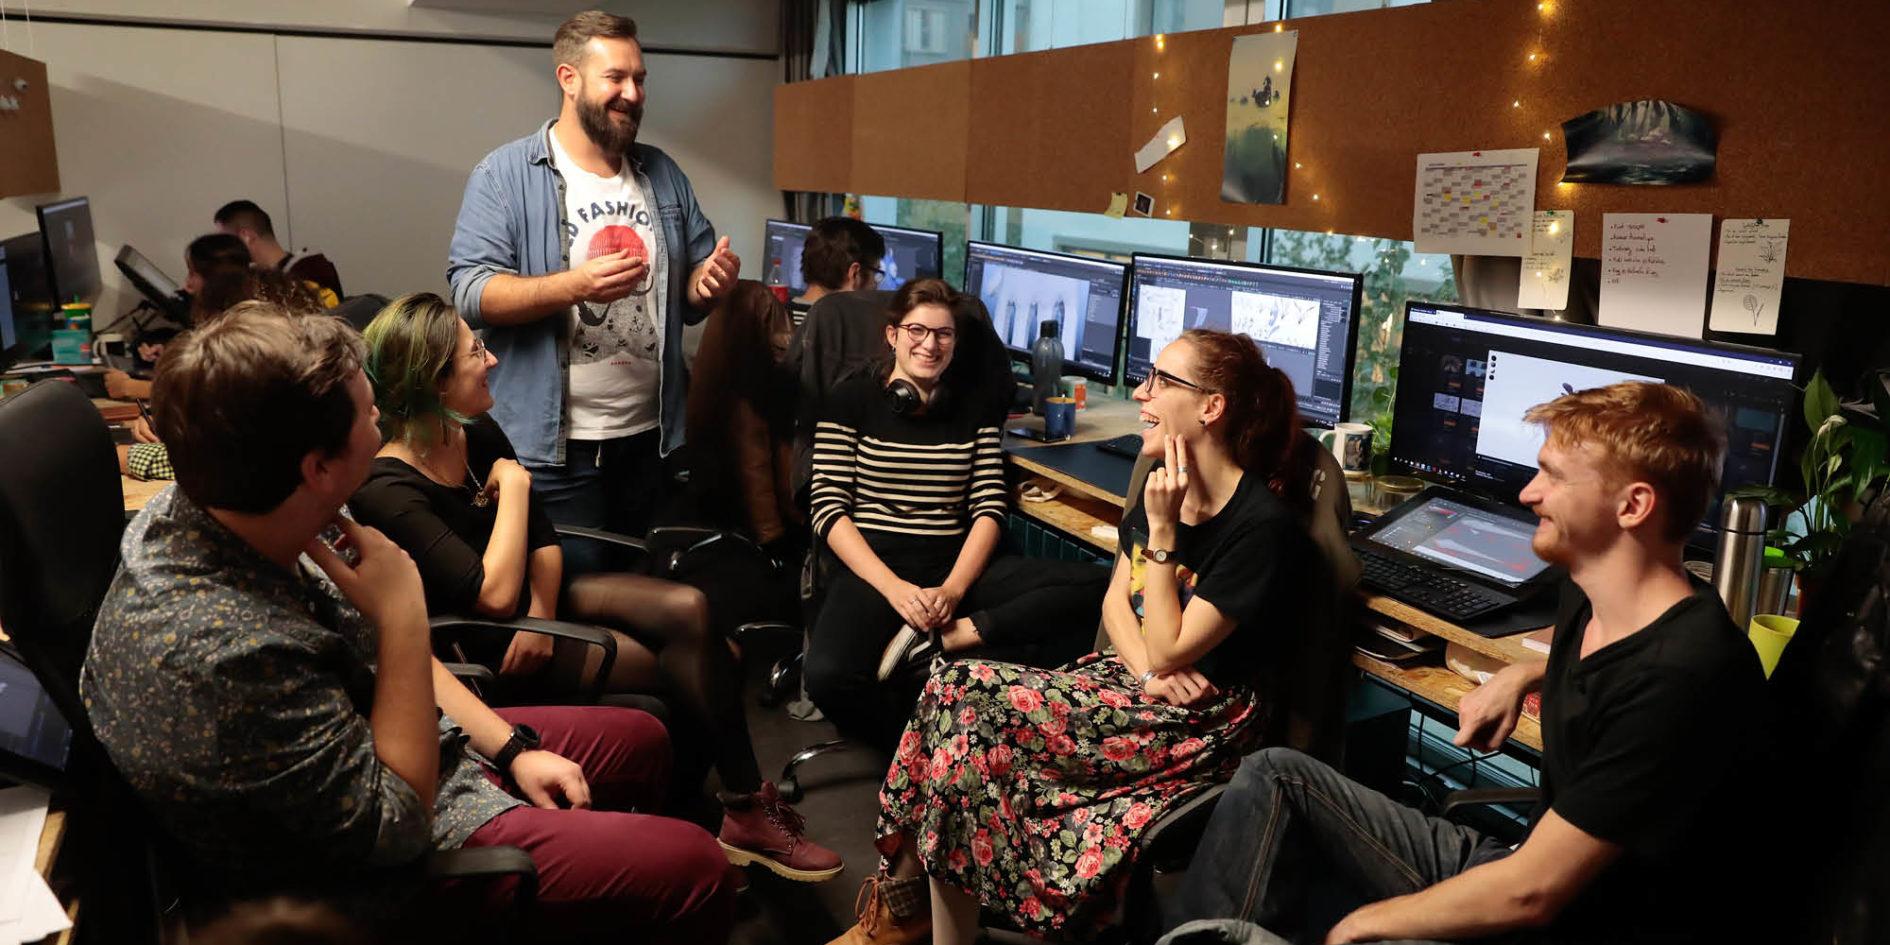 professeur et étudiants dans une salle de classe cinéma d'animation 3D ESMA Nantes